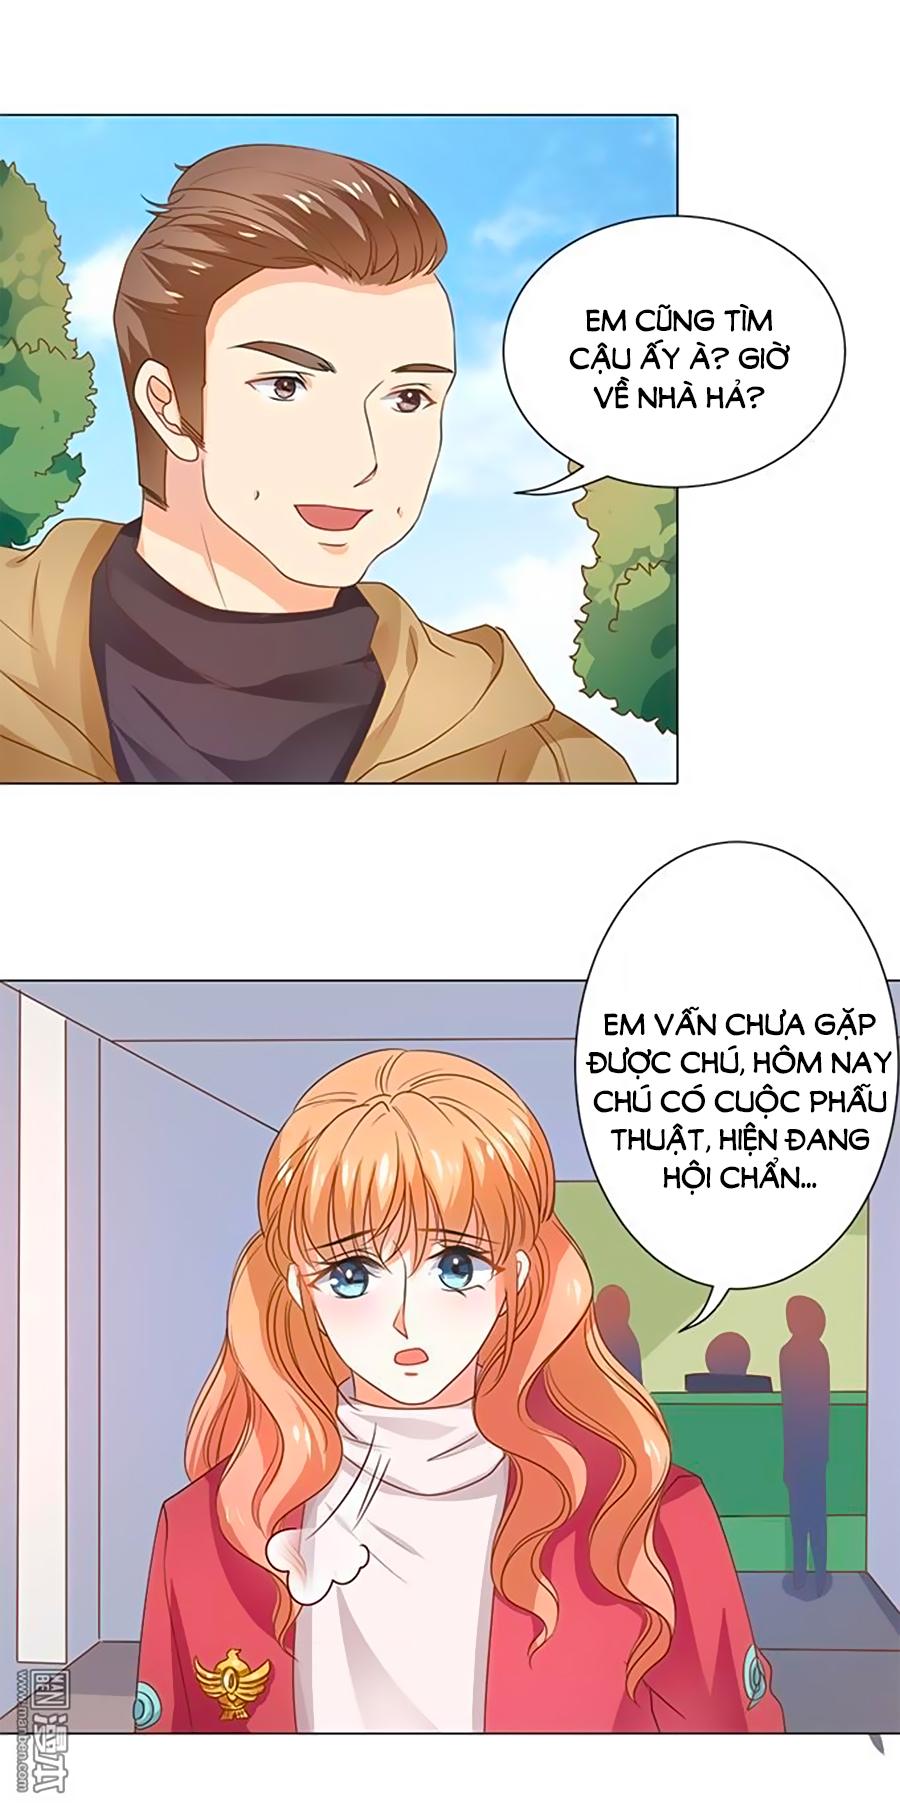 Bác Sĩ Sở Cũng Muốn Yêu_chap 102